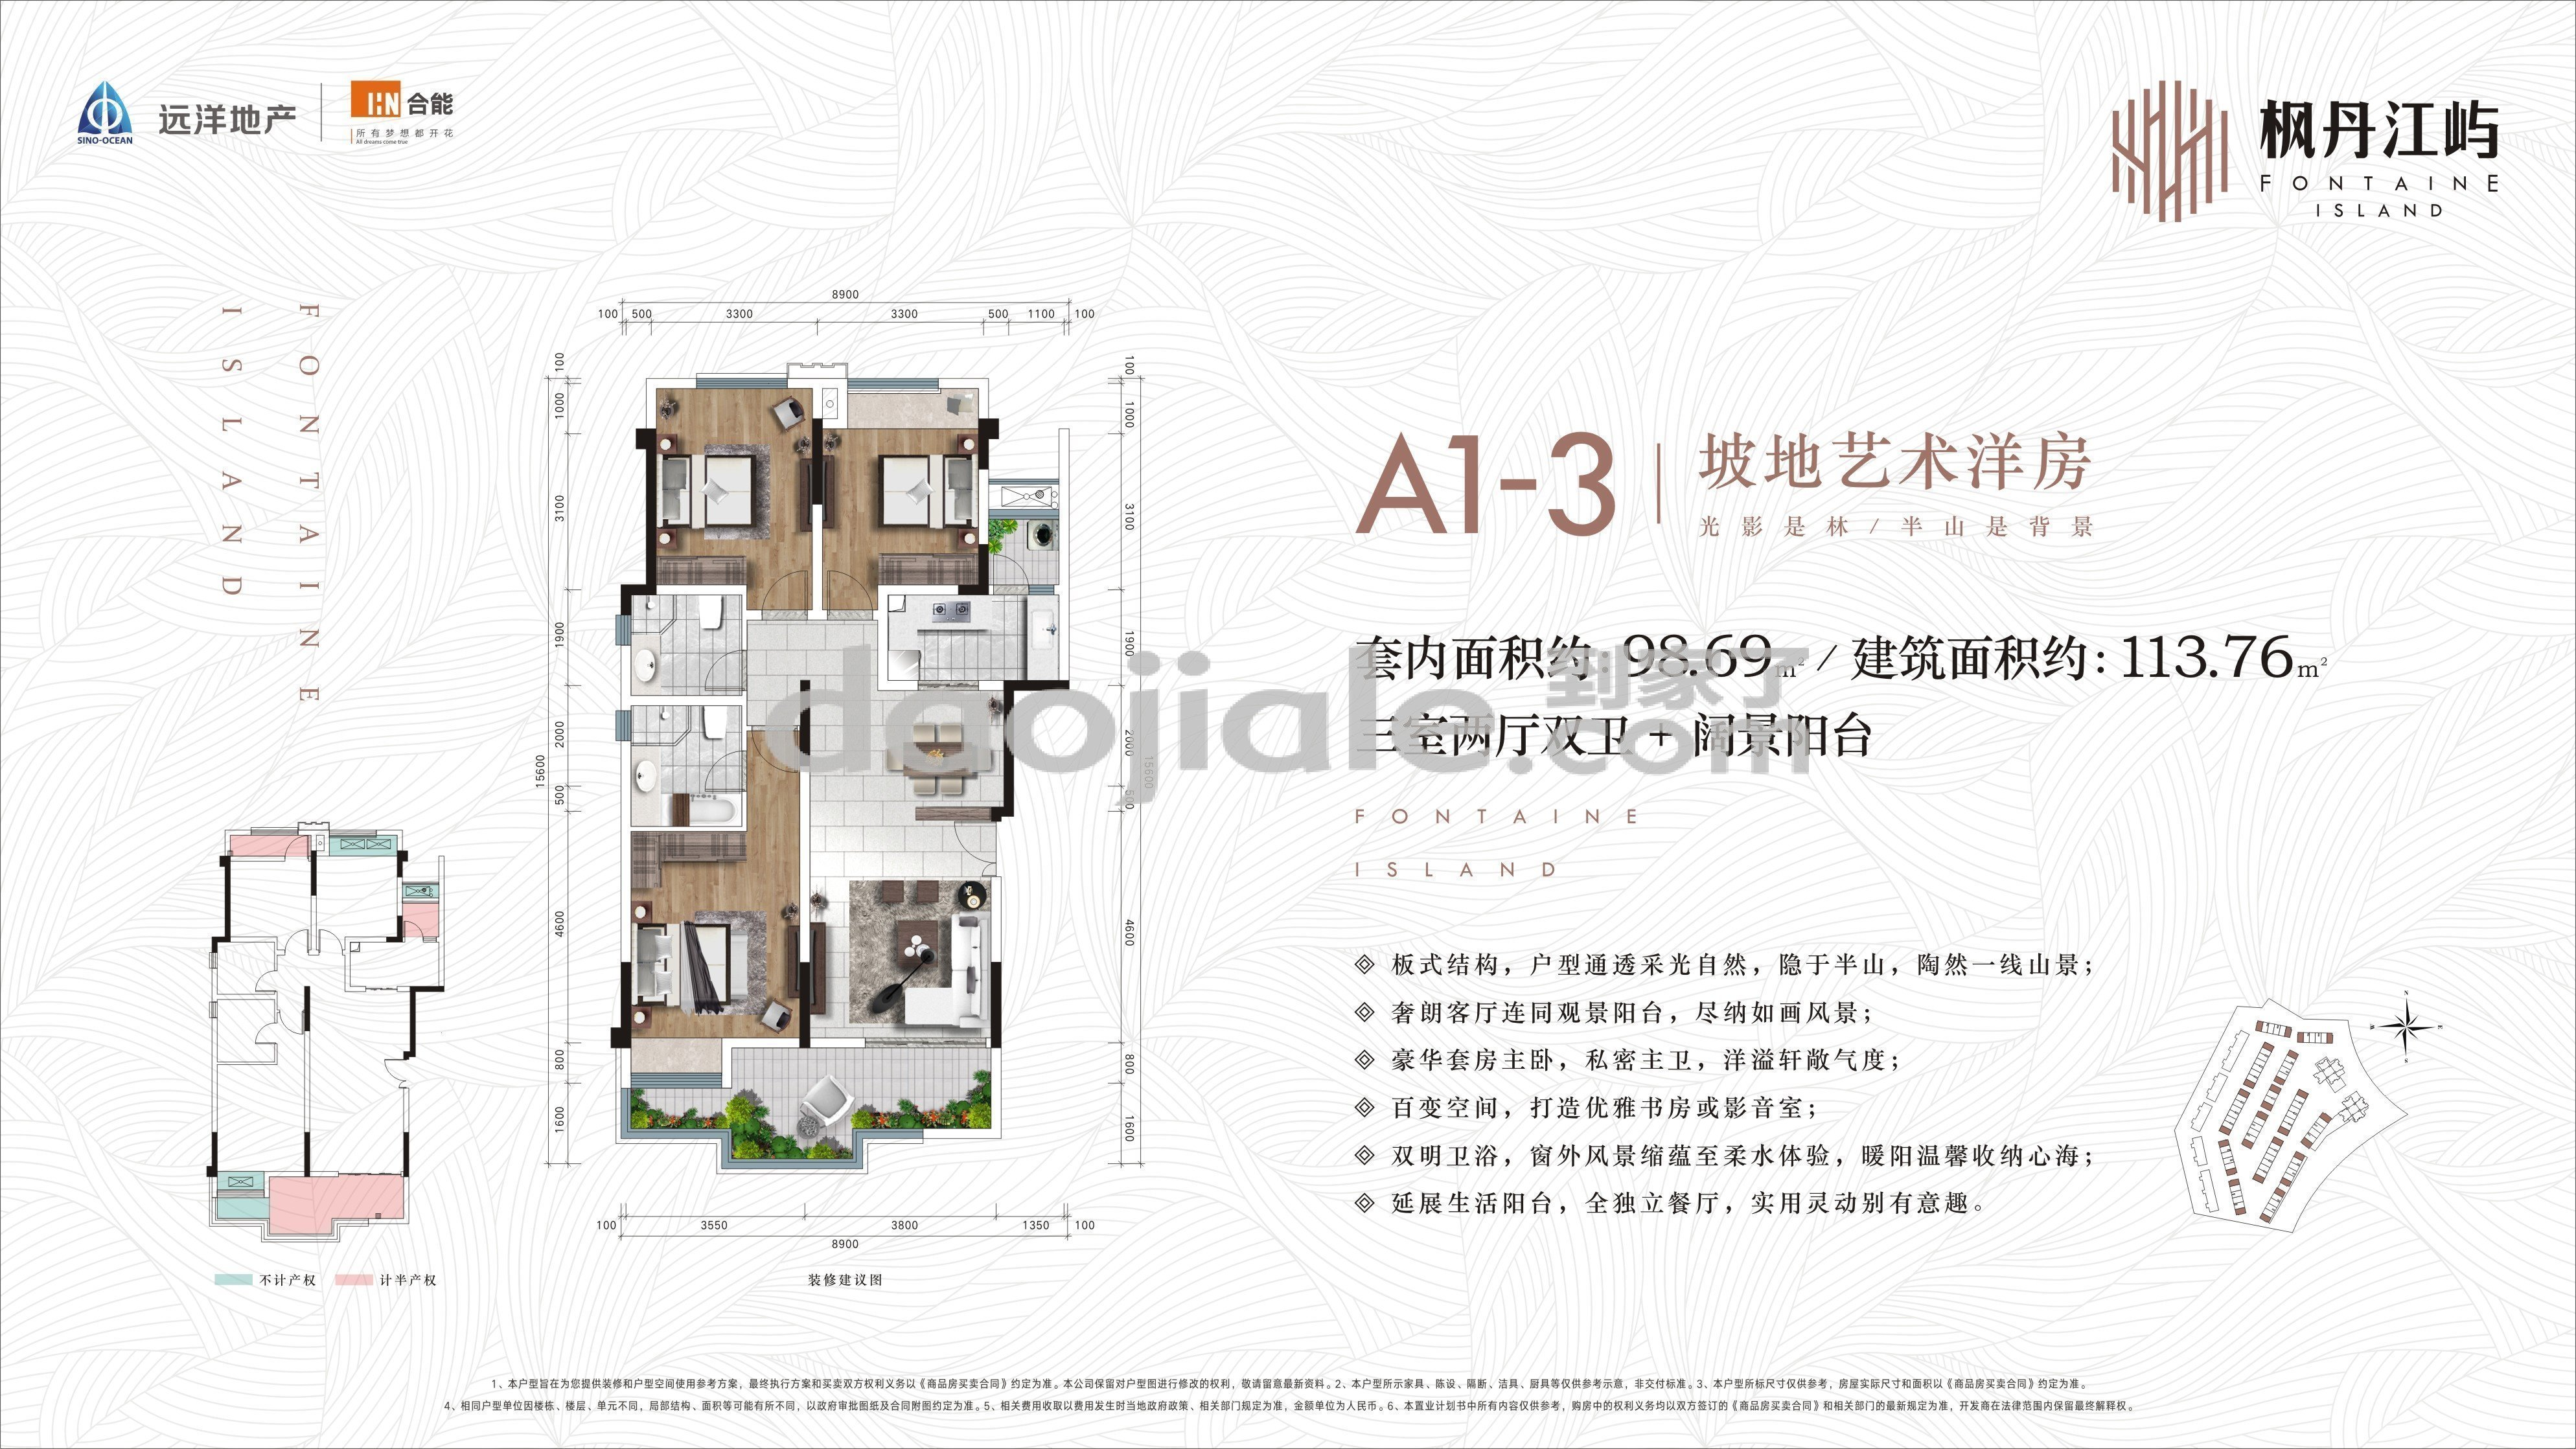 南岸区茶园新区远洋合能枫丹江屿新房A1-3户型图